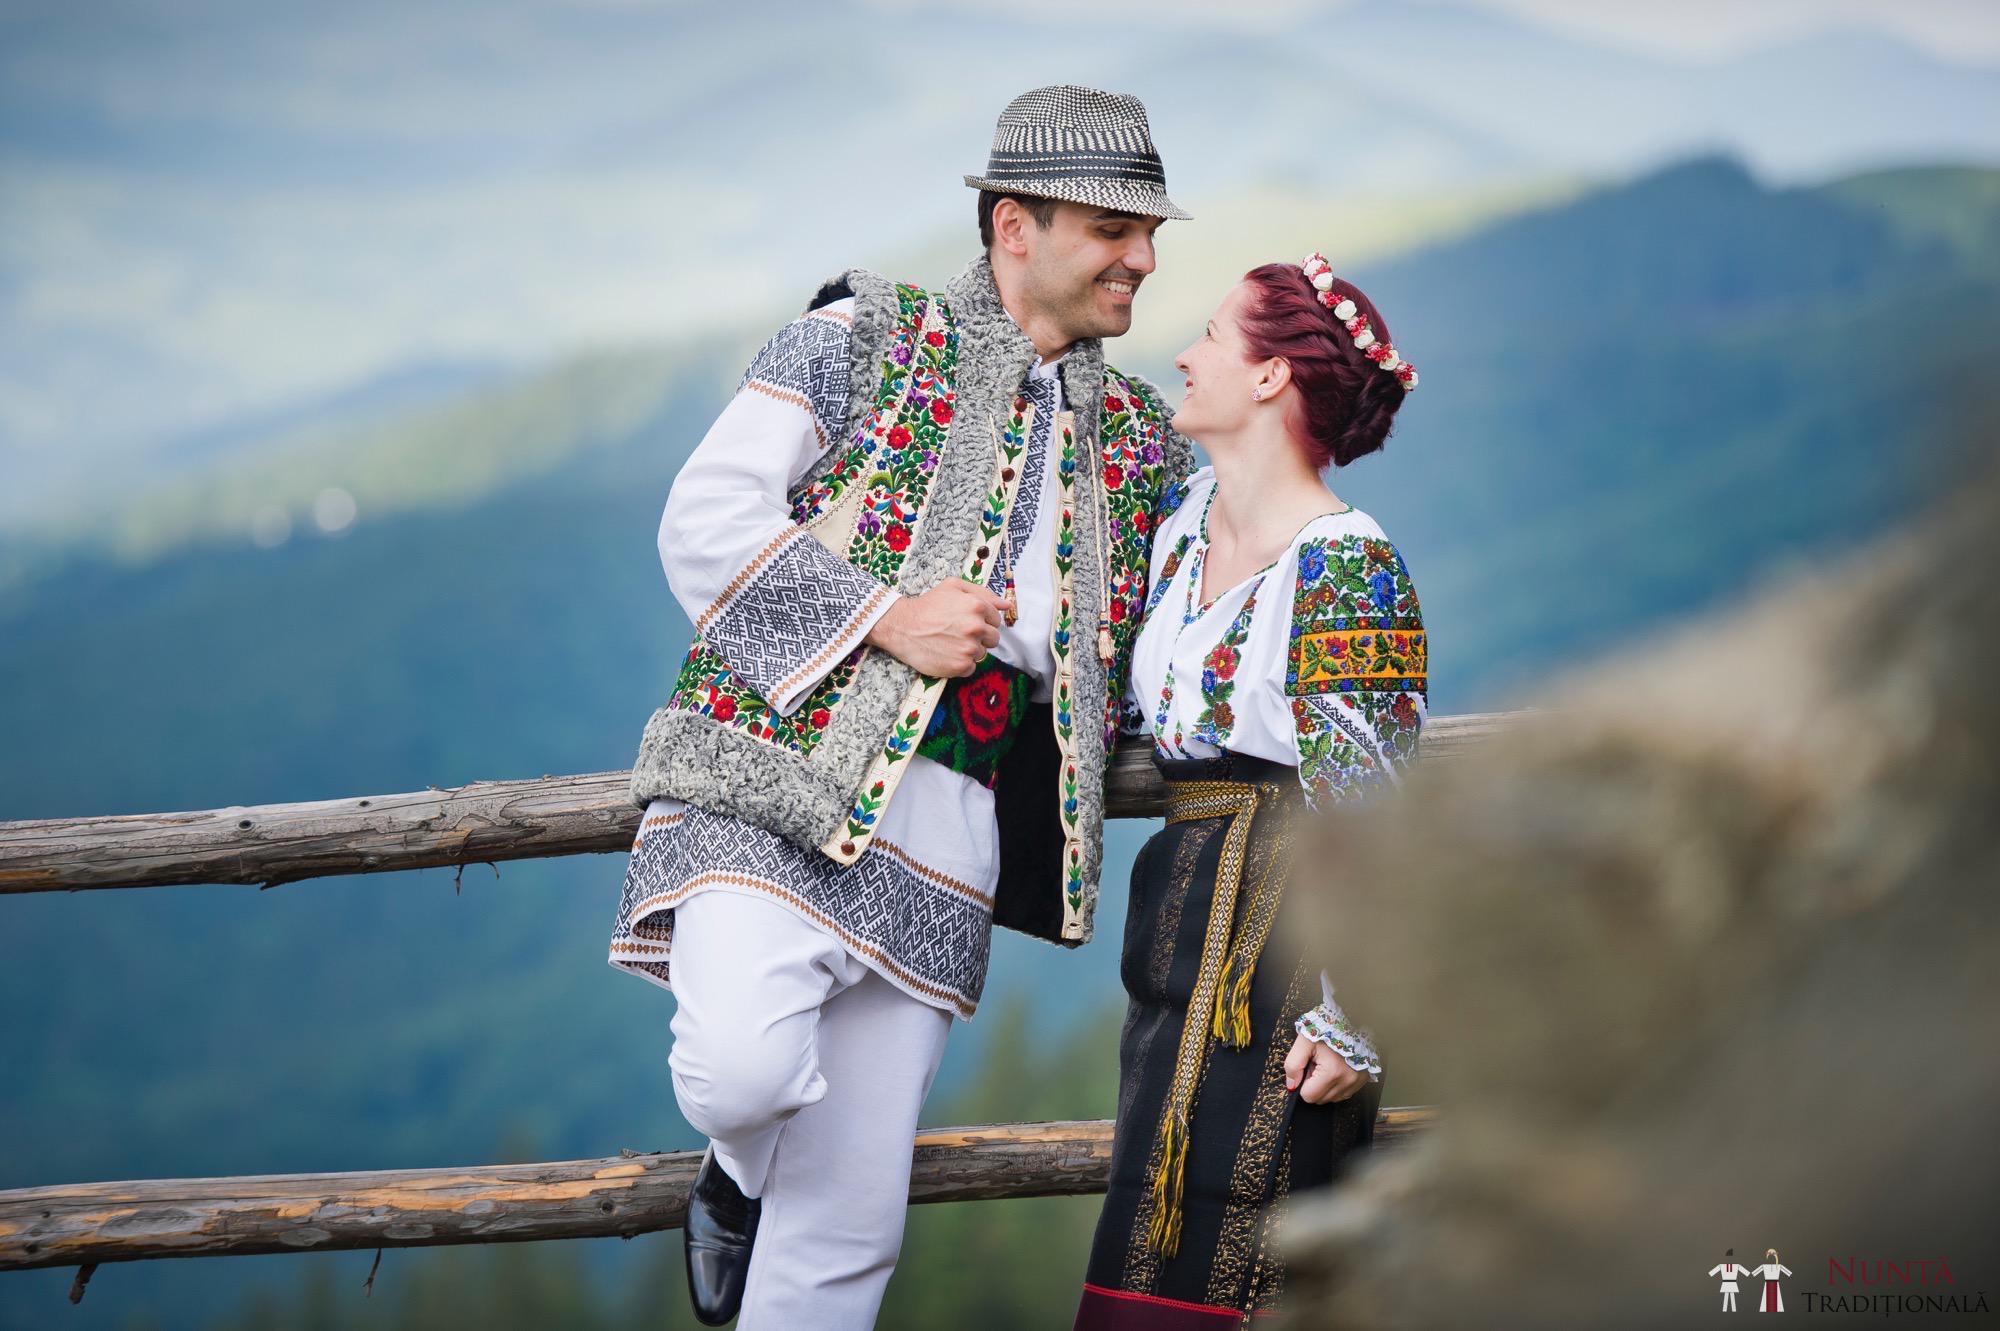 Povești Nunți Tradiționale - Gabriela și Mădălin - Nuntă Tradițională în Suceava, Bucovina 38